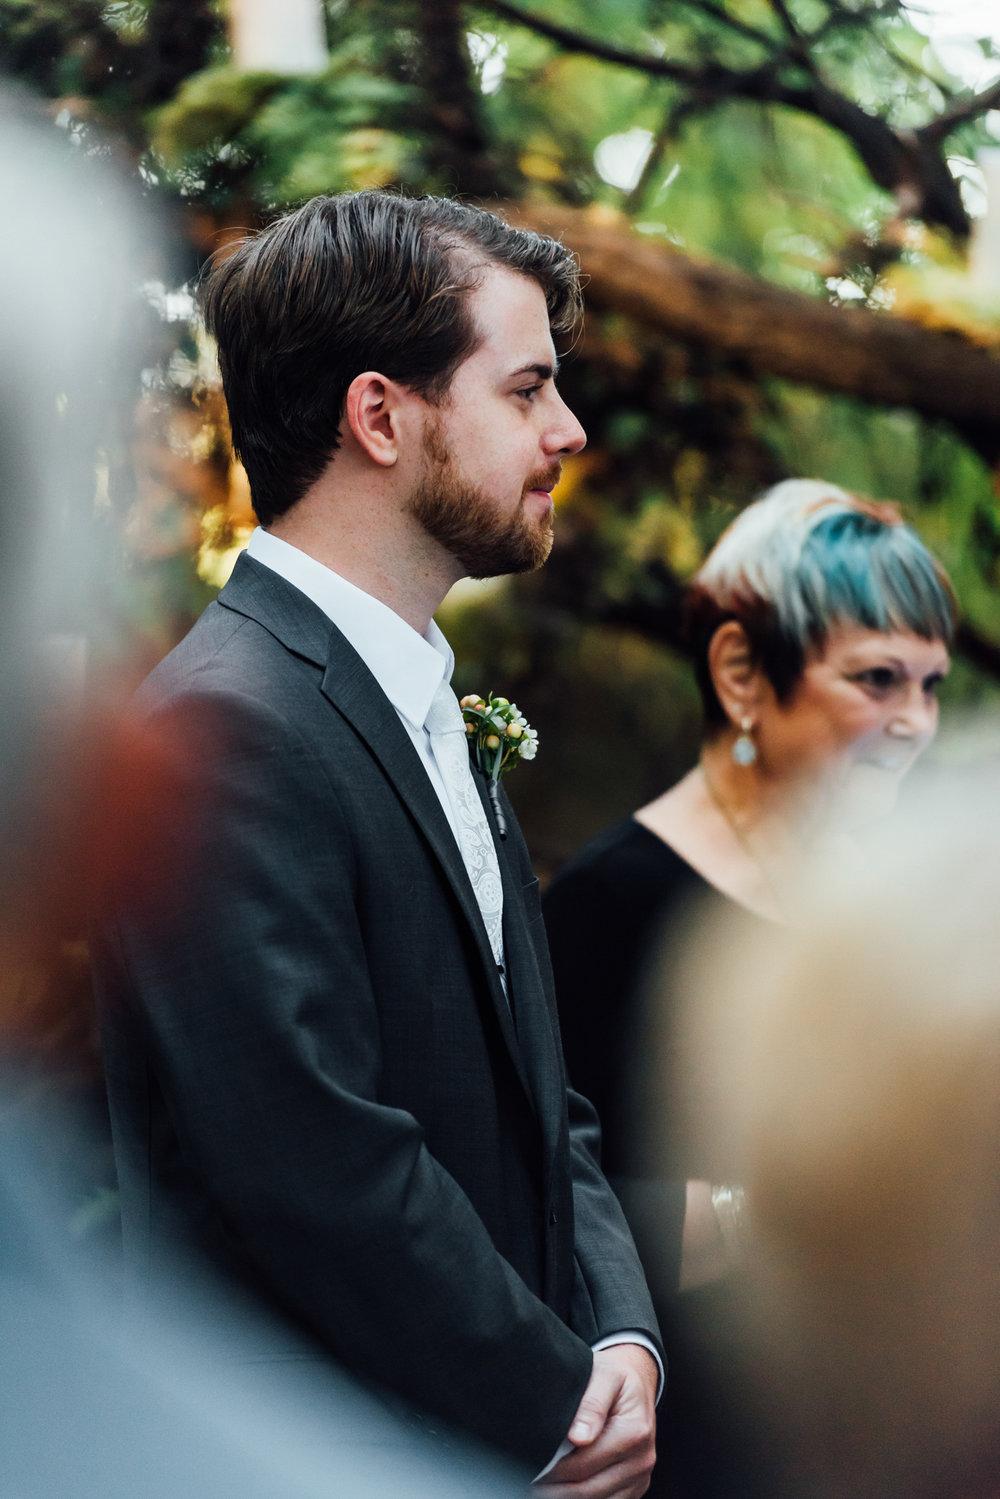 Nicola_Reiersen_Photography_Sea_Cider_Forest_Wedding (58).jpg